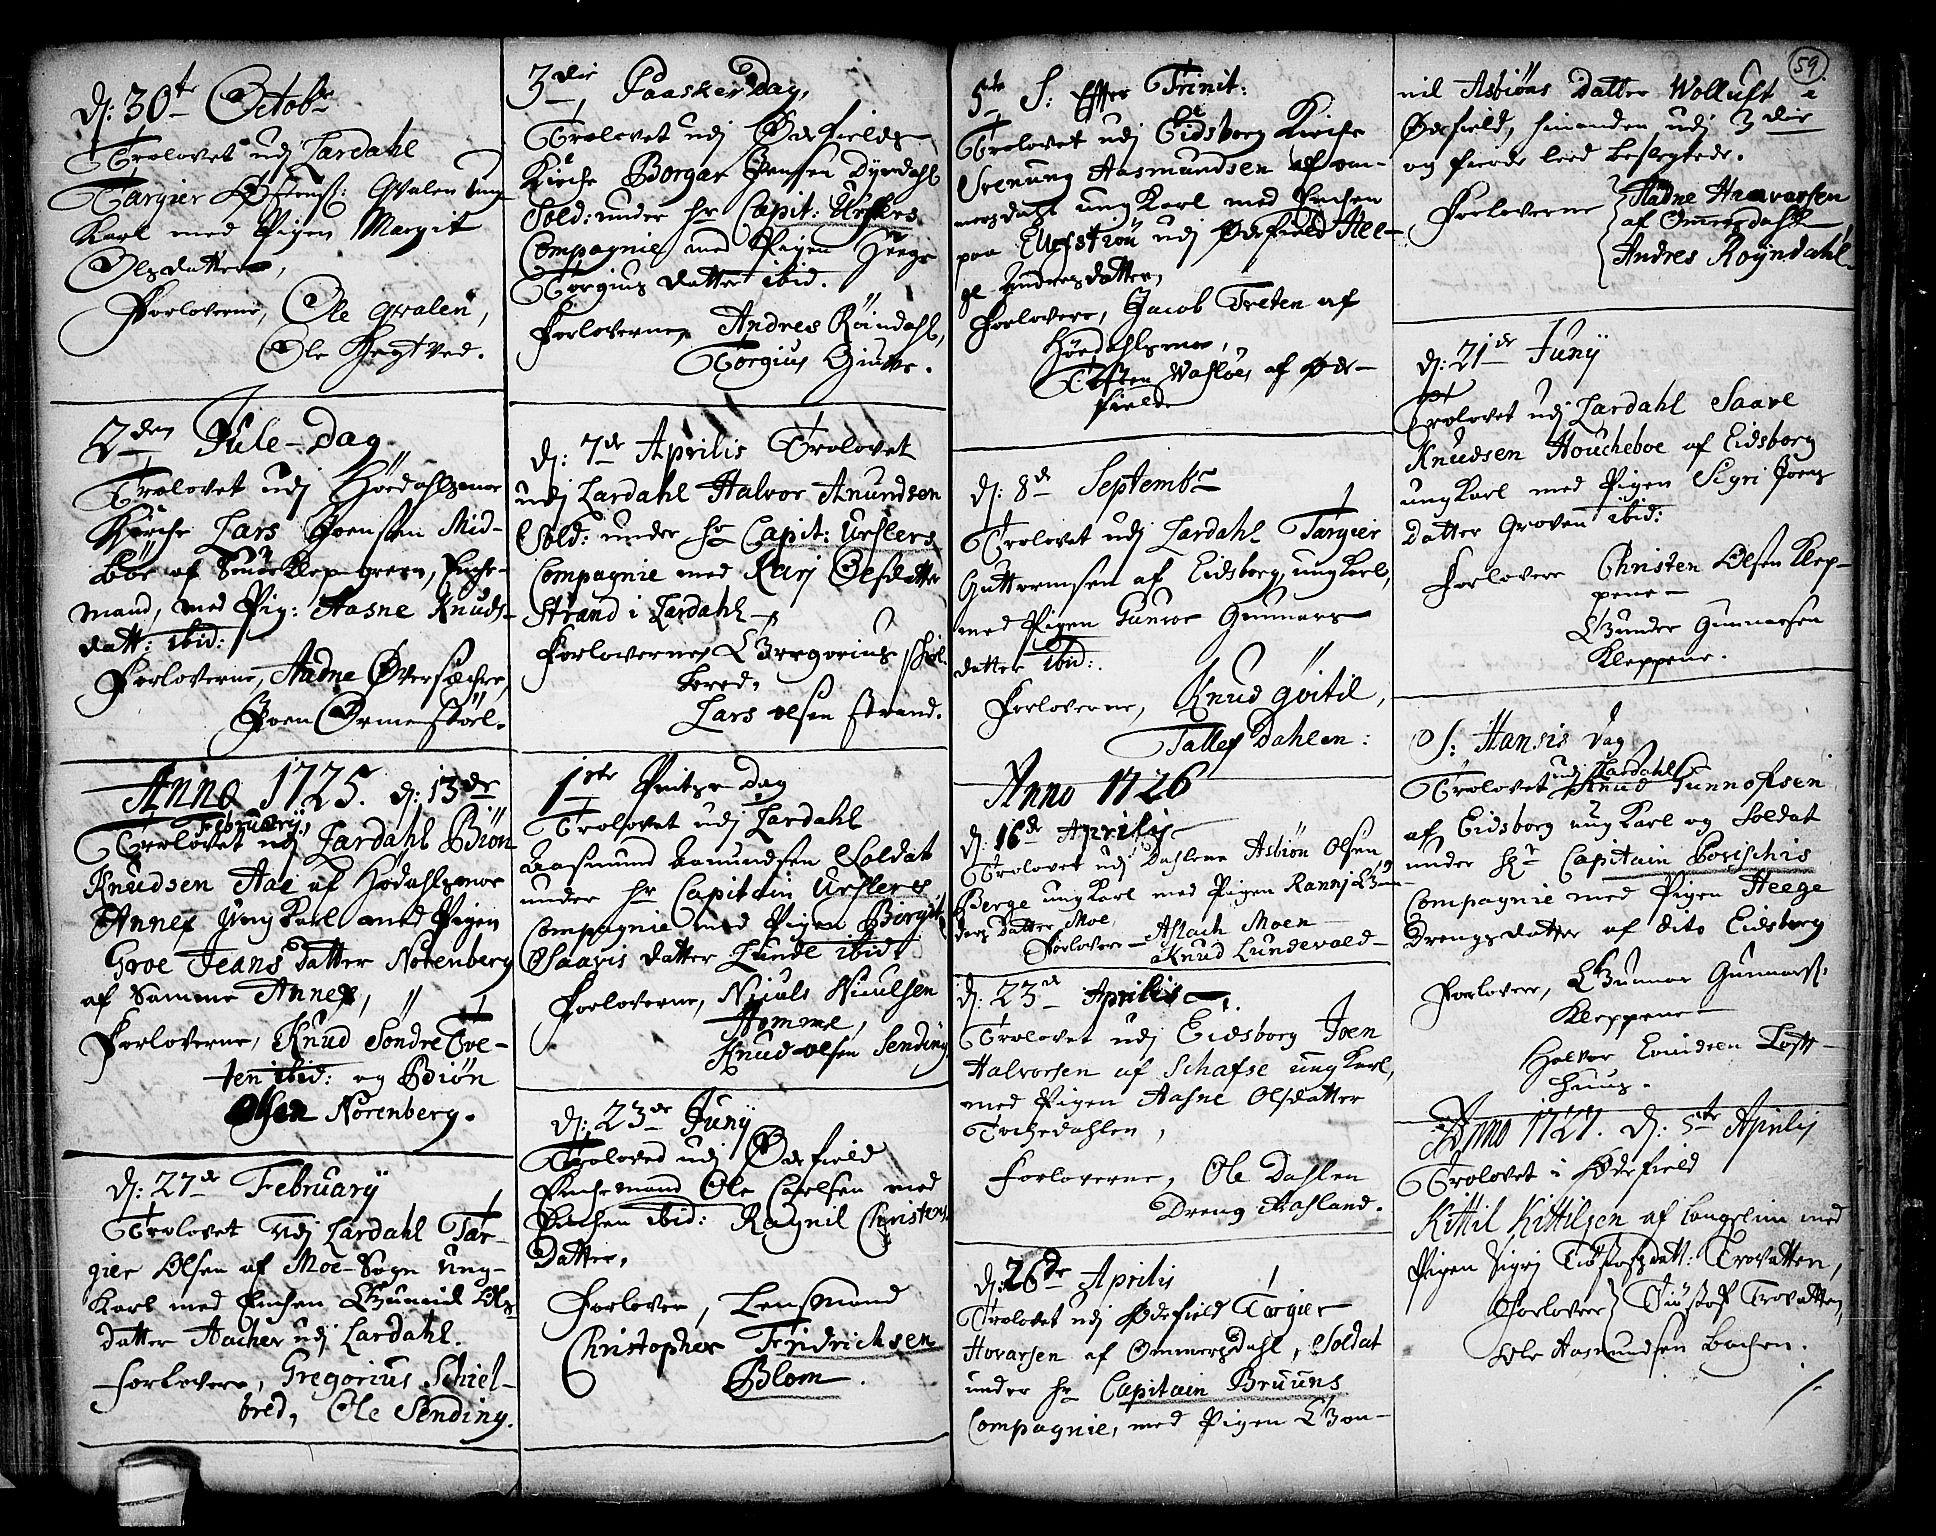 SAKO, Lårdal kirkebøker, F/Fa/L0001: Ministerialbok nr. I 1, 1721-1734, s. 59